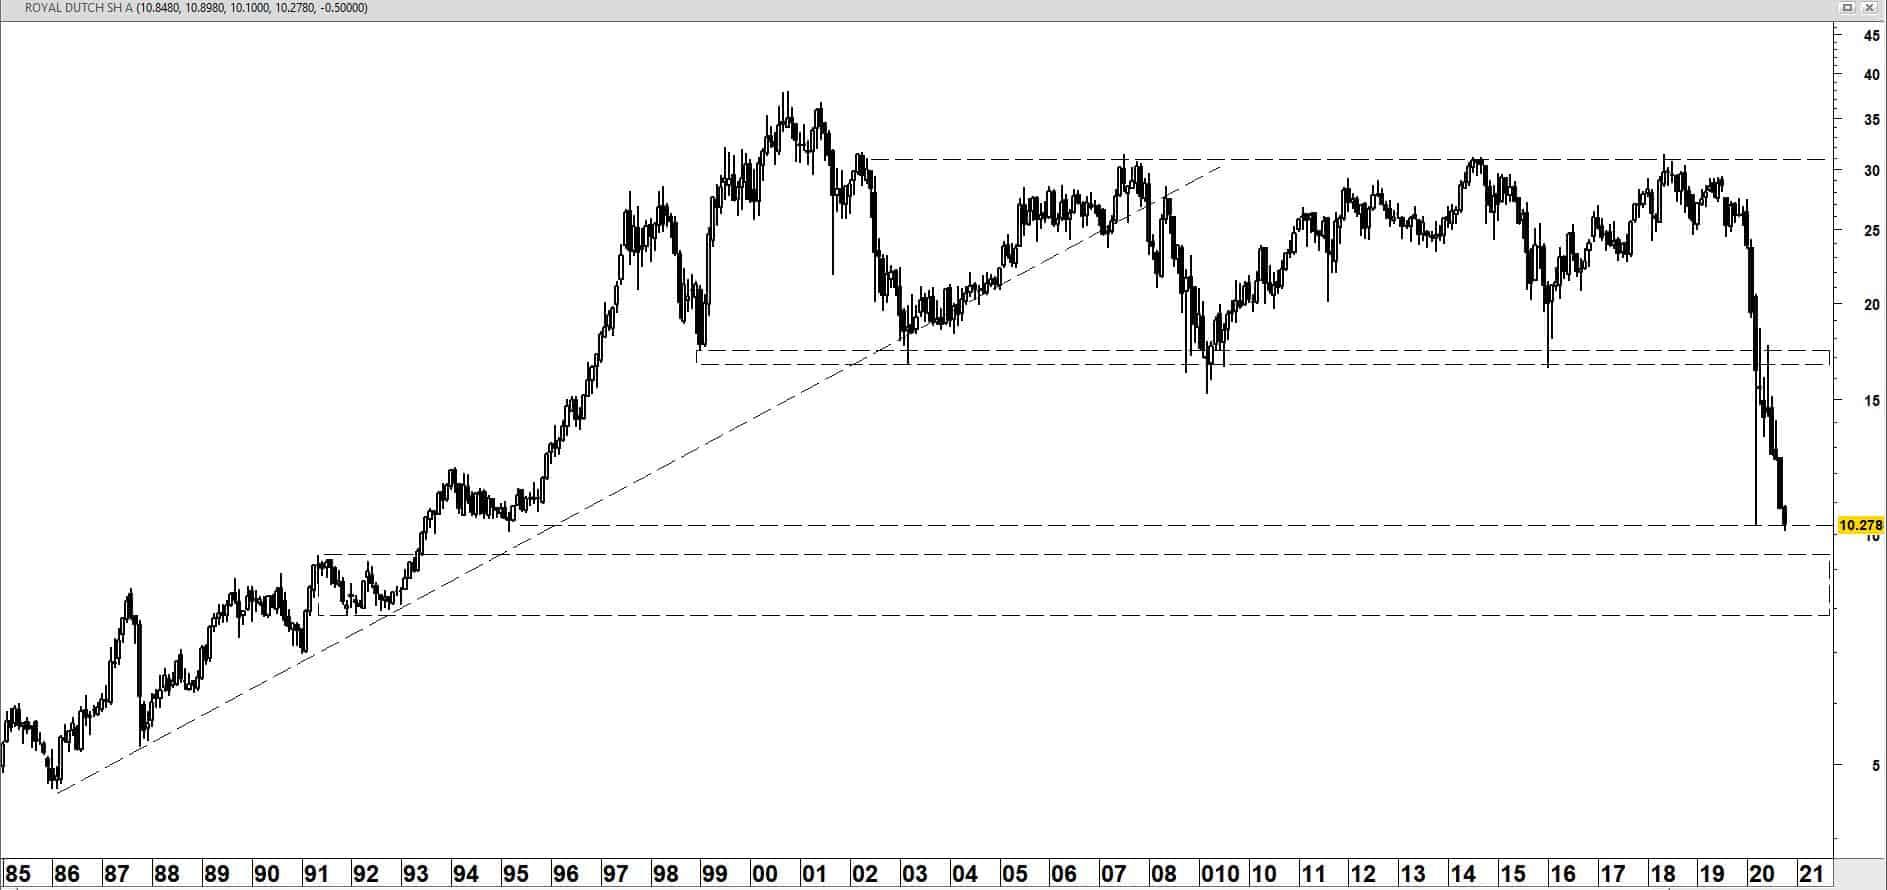 Royal Dutch Shell vanaf 1985 op maandbasis (logaritmische schaal)